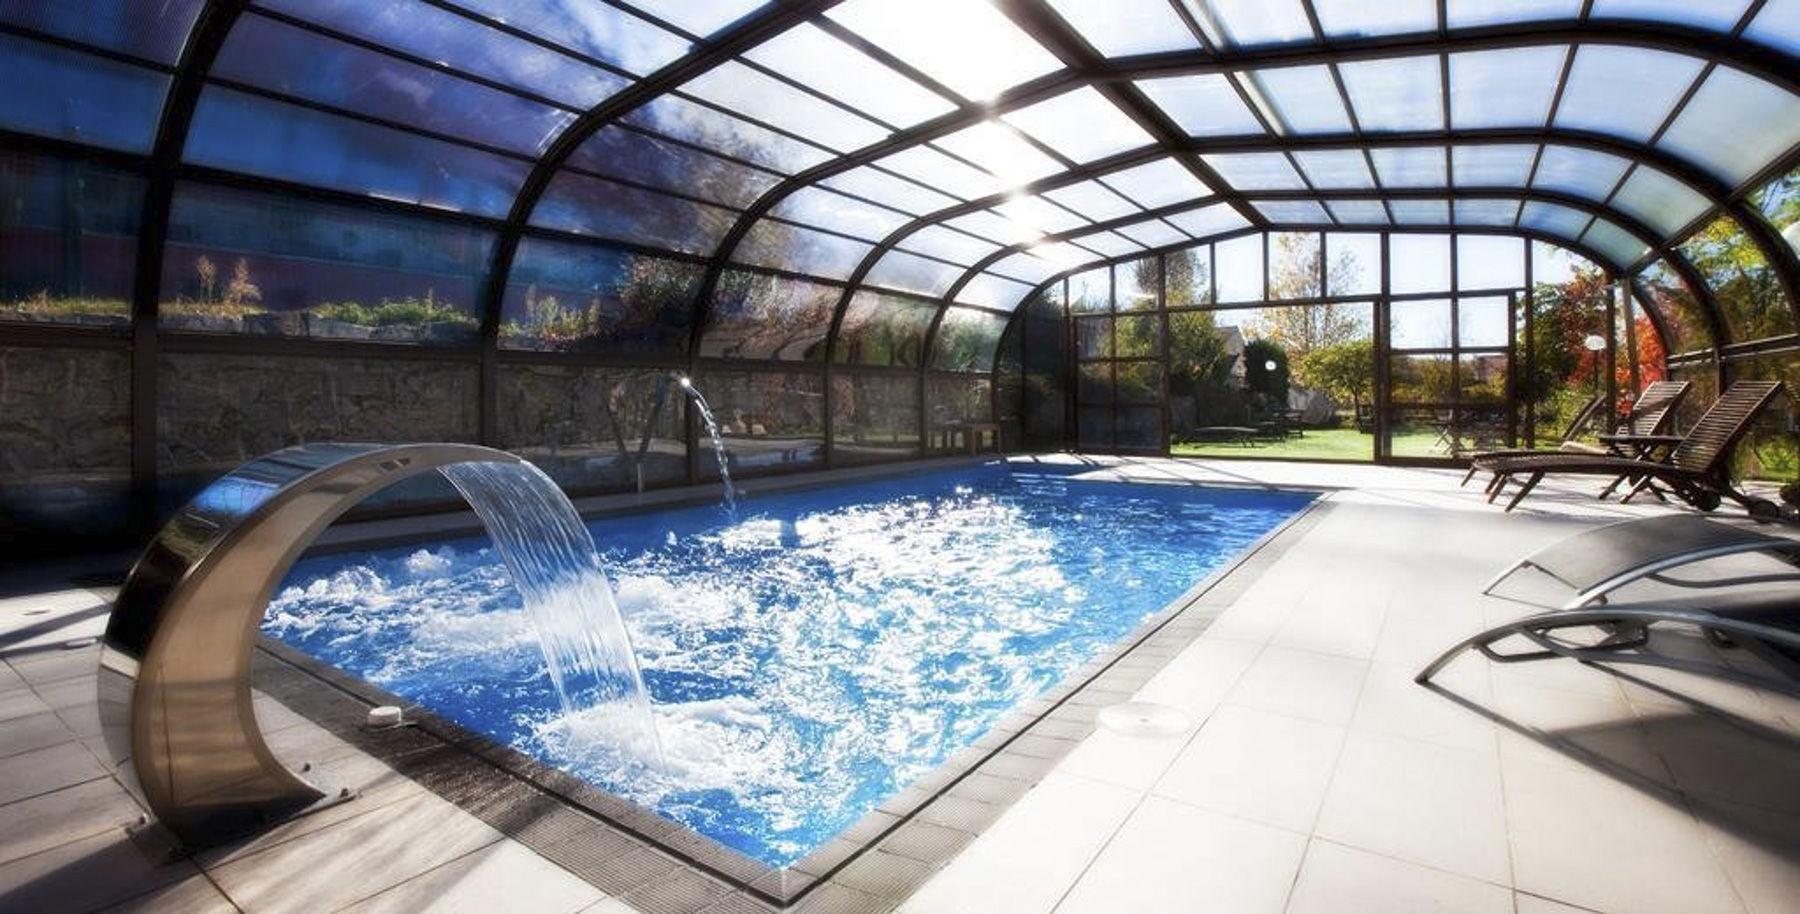 Refrescali ntate turismo rural en alojamientos con for Casas rurales alicante con piscina